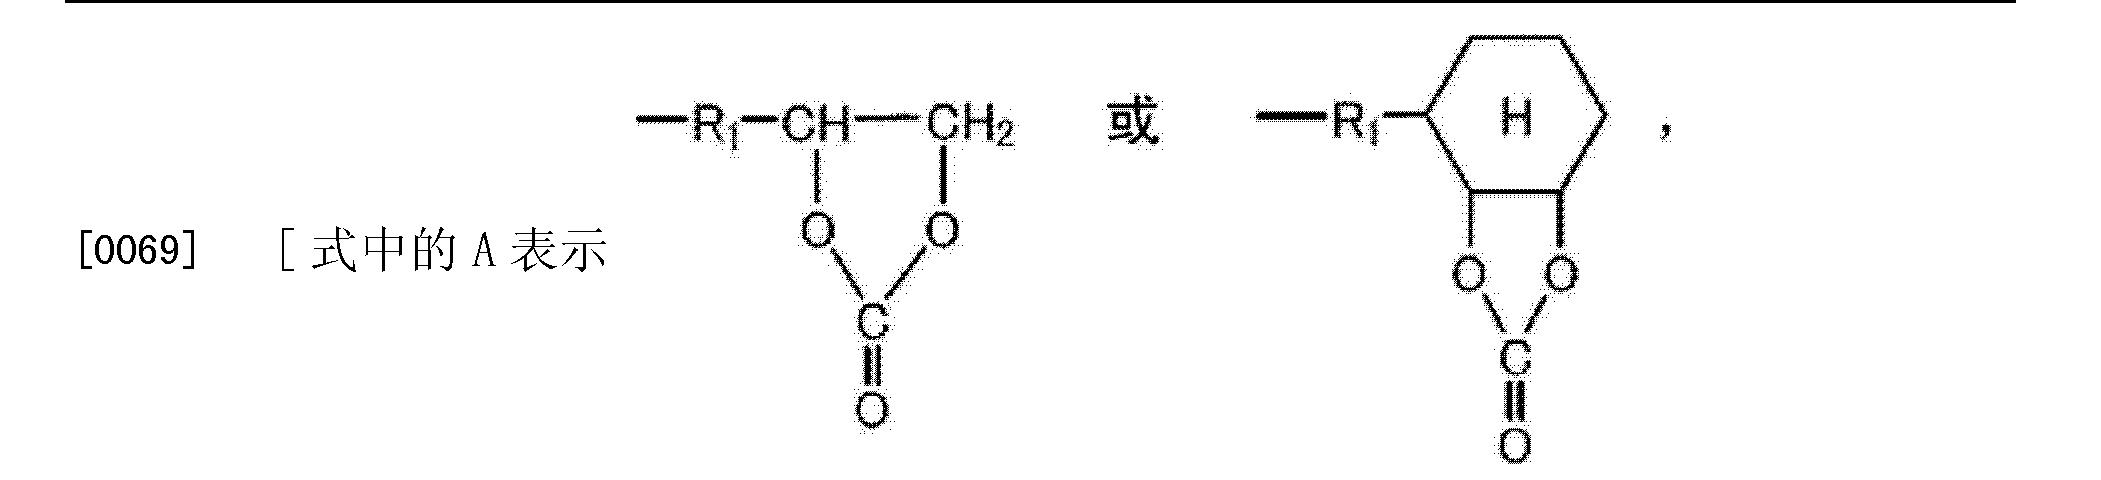 Figure CN102666655BD00101